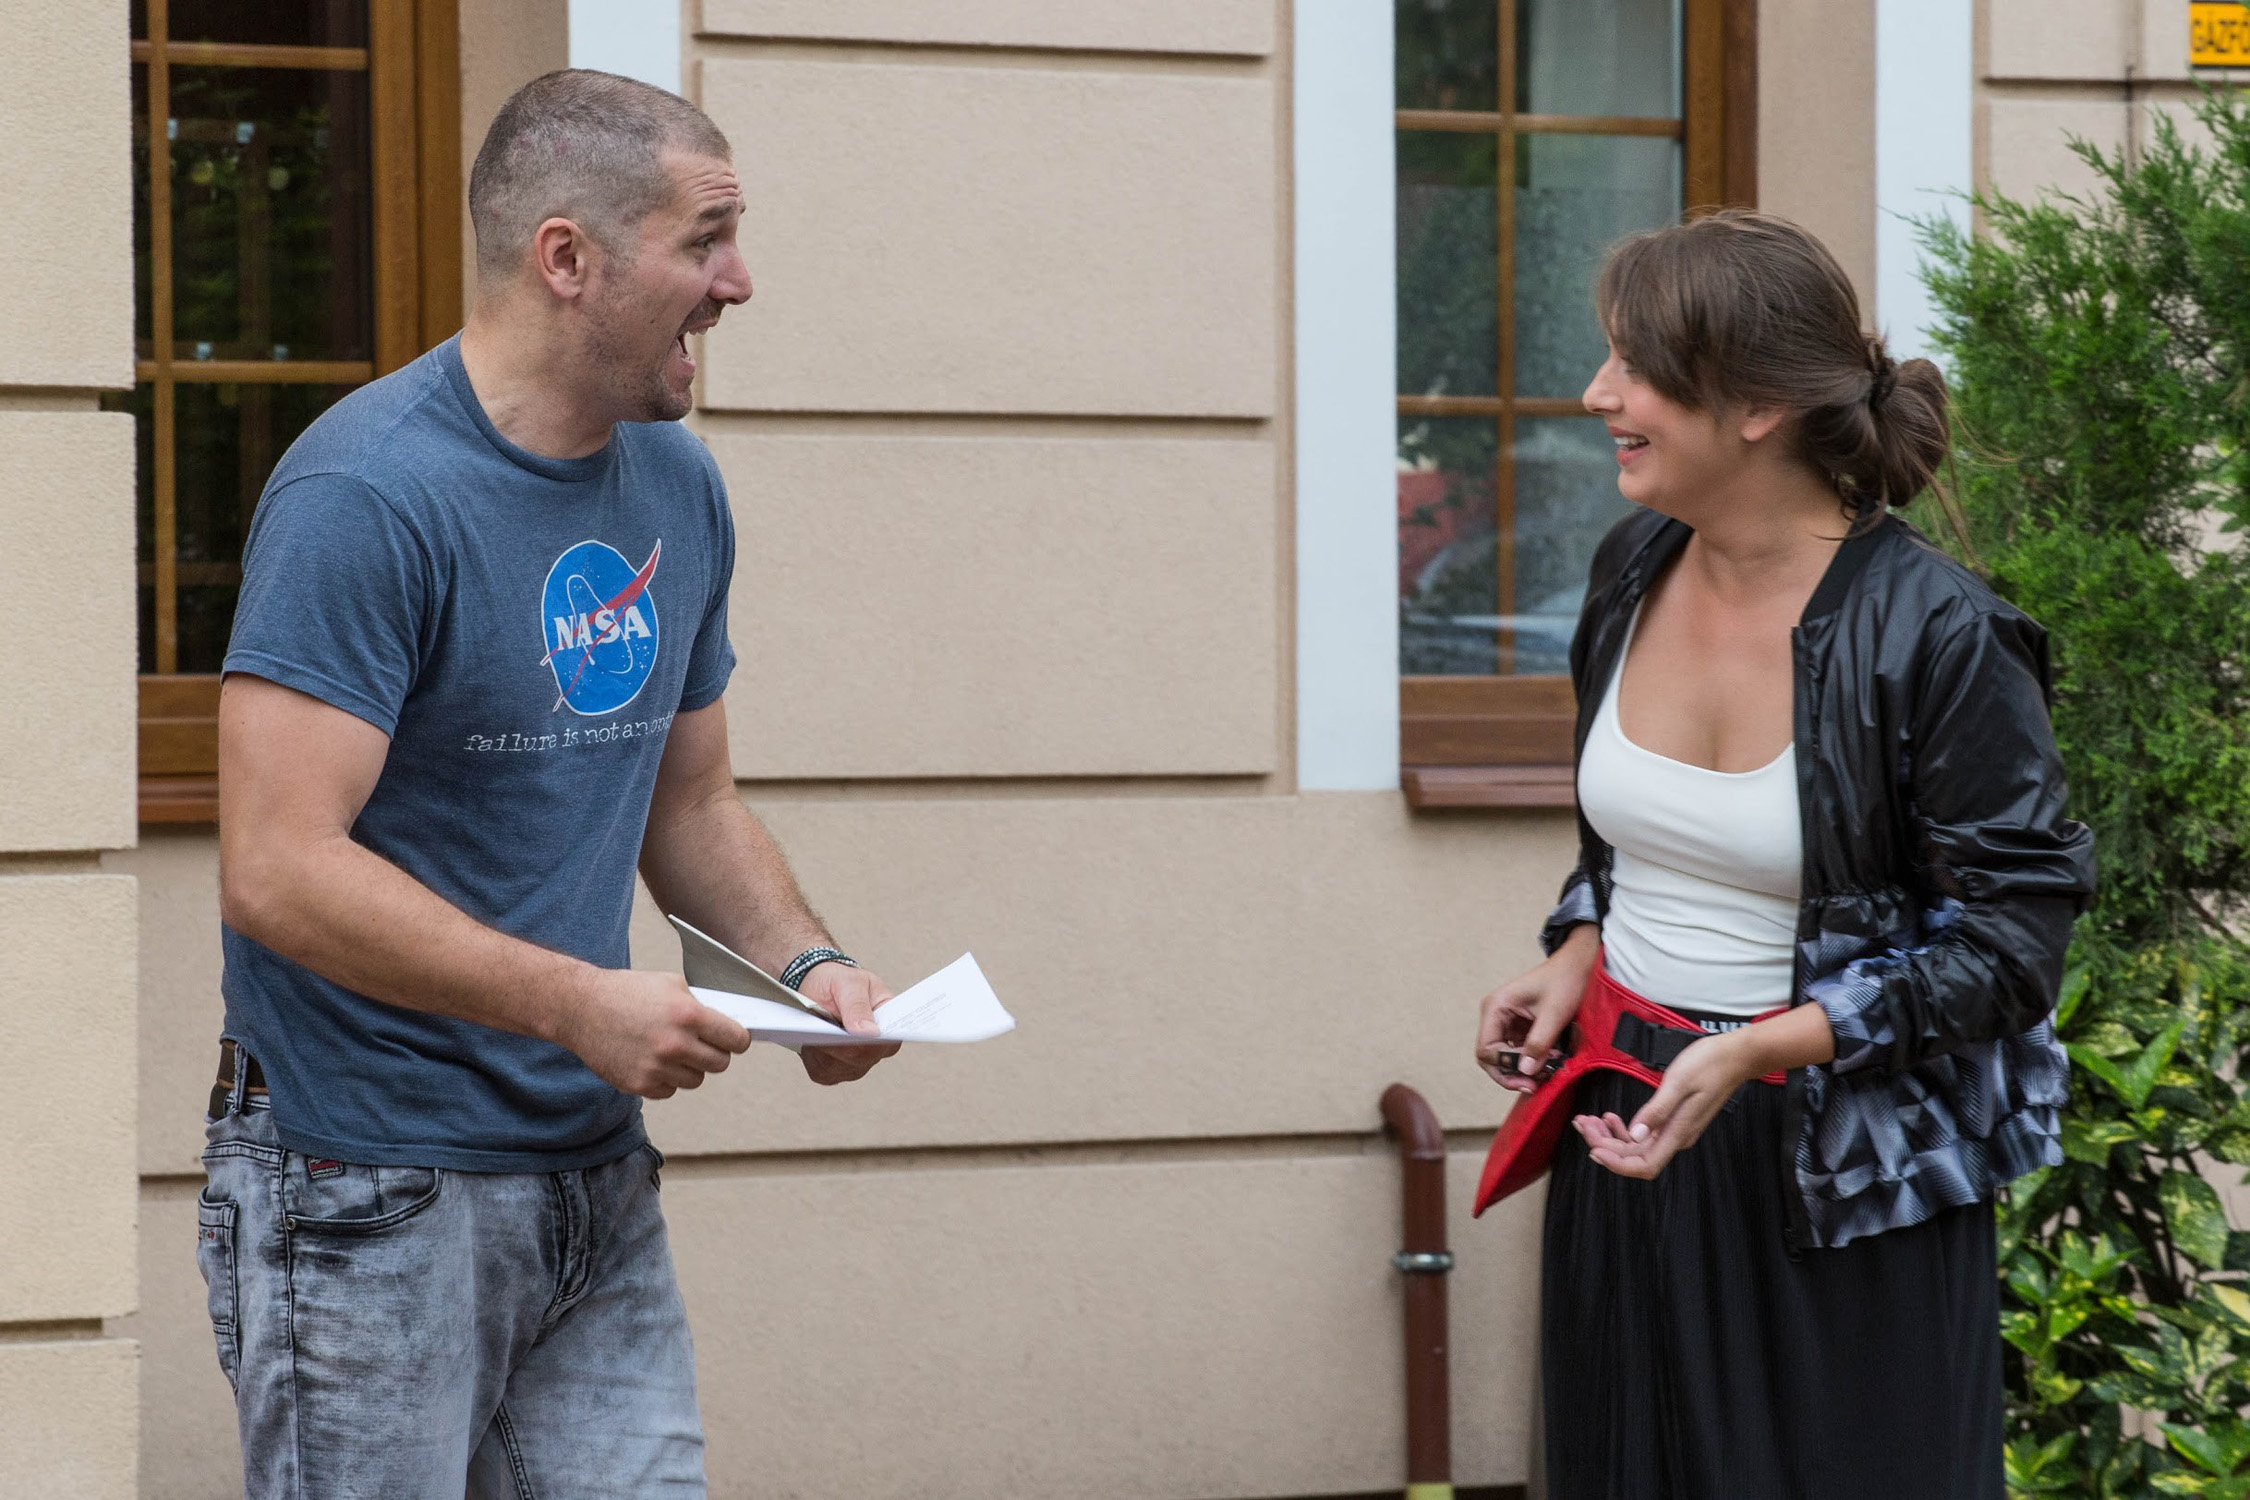 4. kép: Mészáros András és Tenki Dalma